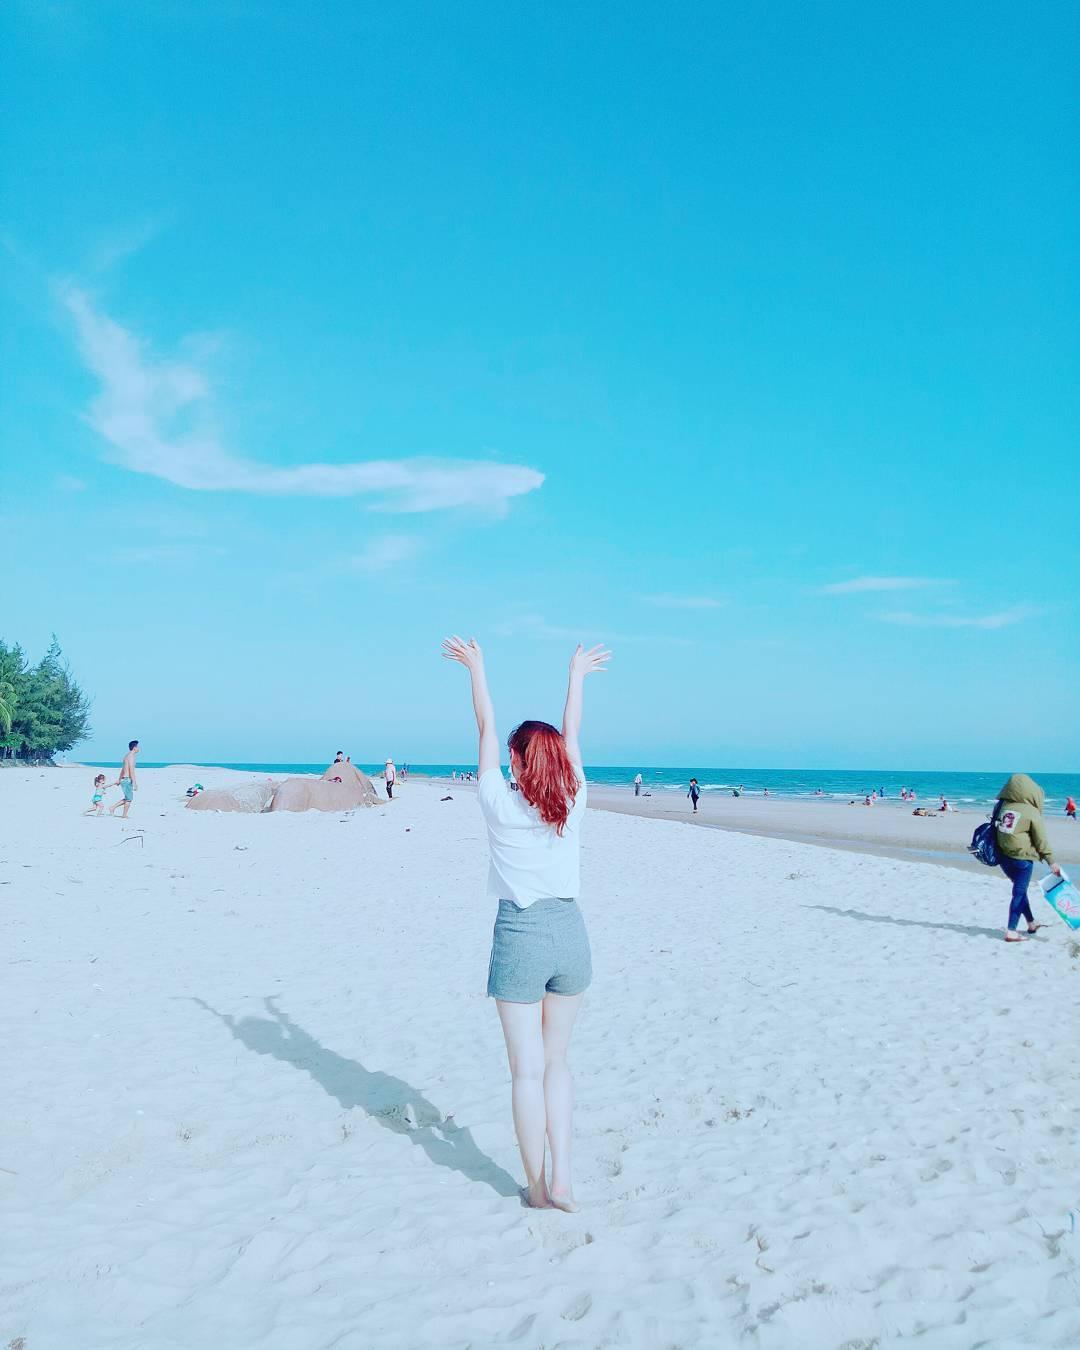 Kinh nghiệm du lịch Lagi, Hàm Tân, Bình Thuận tự túc, giá rẻ từ A-Z